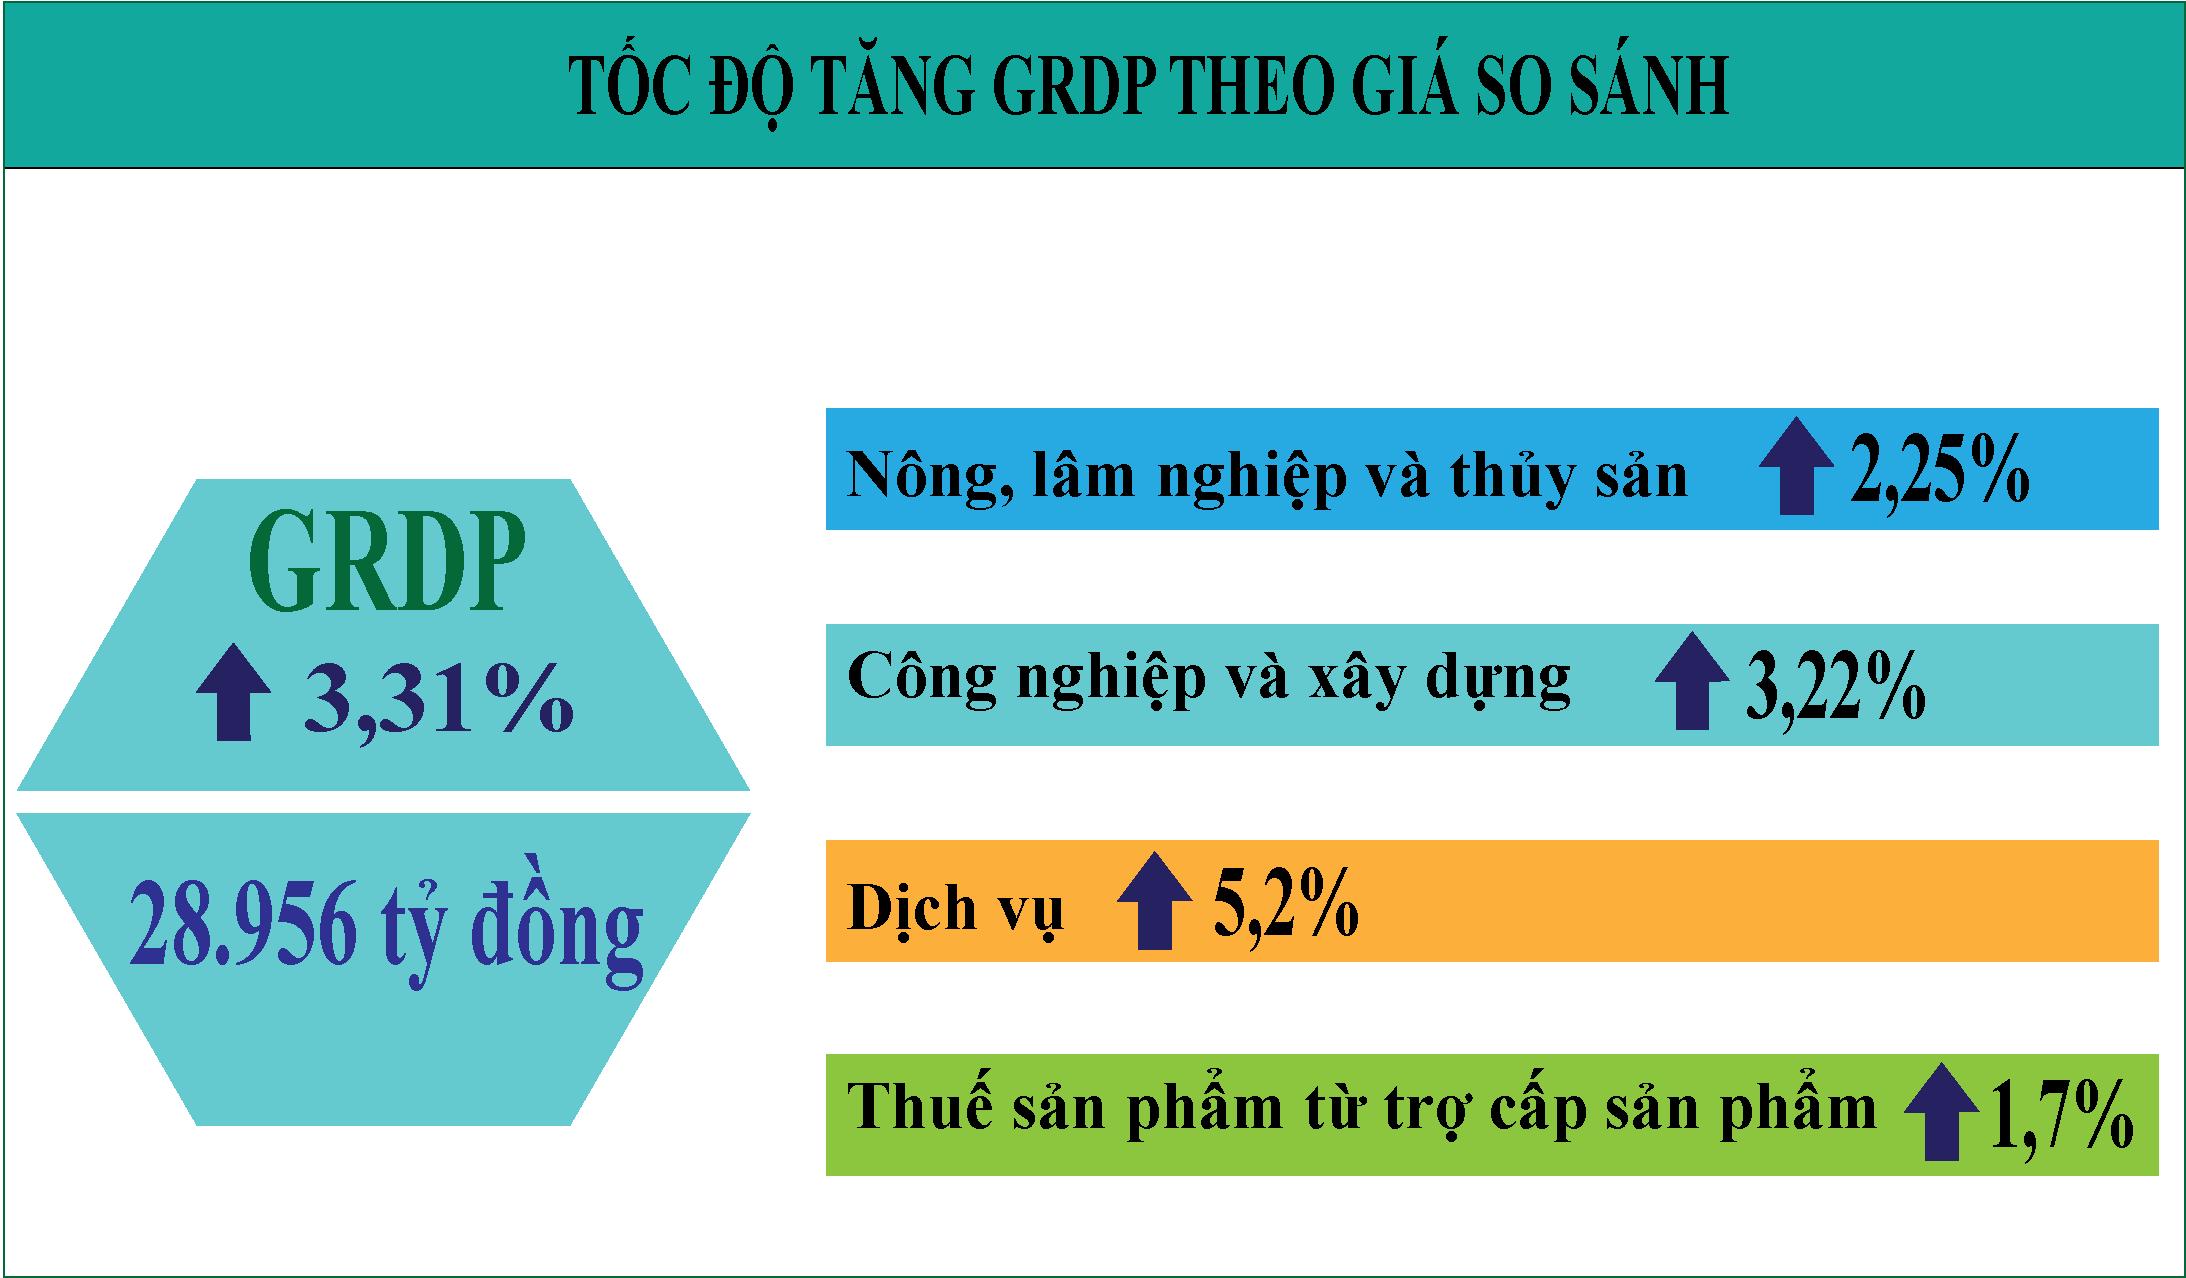 Tổng sản phầm trên địa bàn tỉnh Tiền Giang 6 tháng đầu năm 2021 tăng 3,31% so cùng kỳ